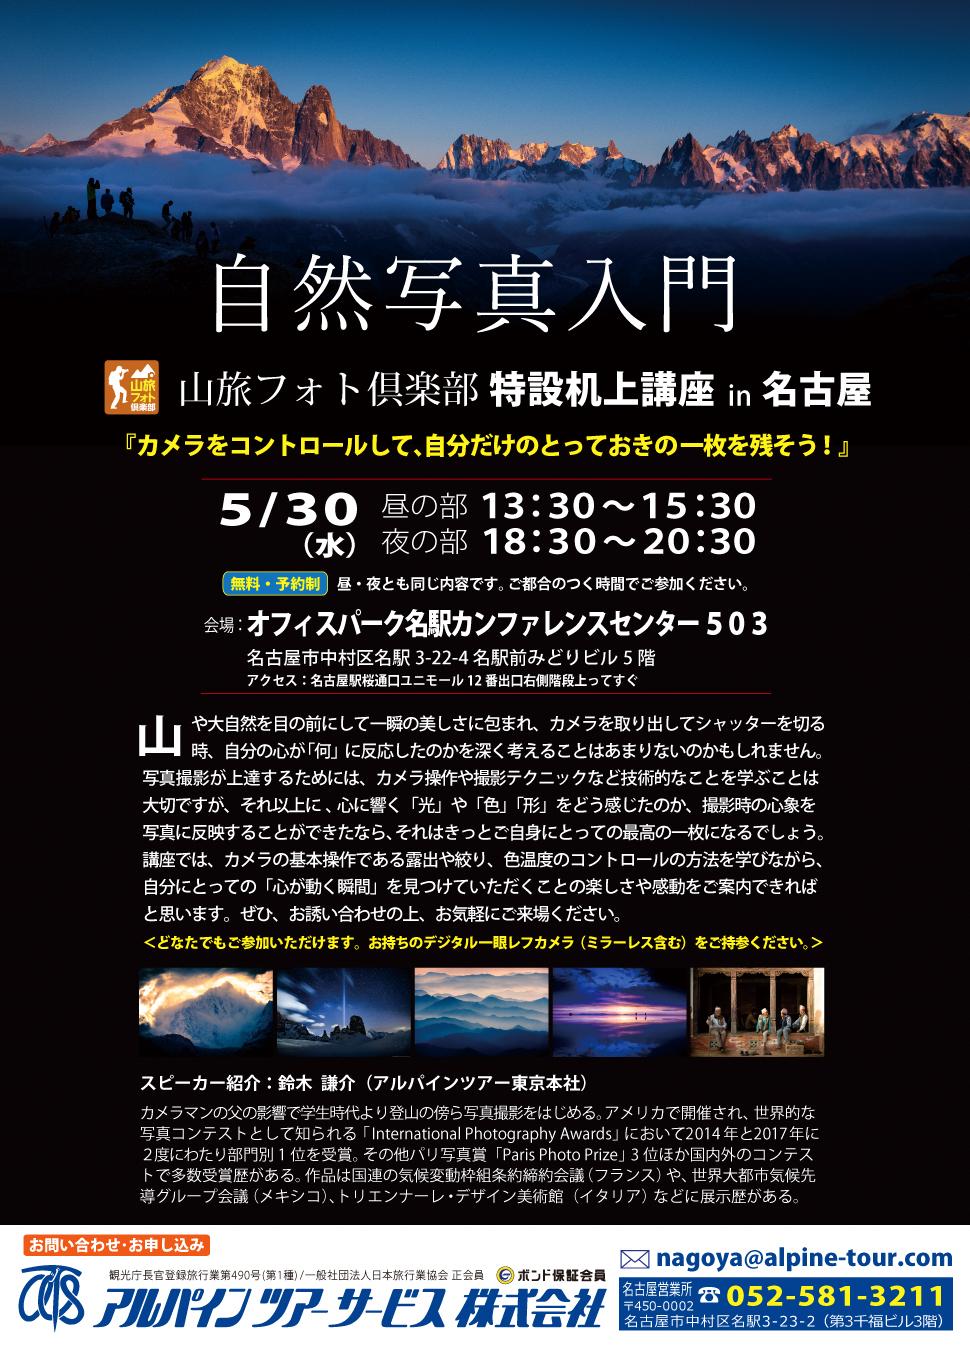 【名古屋】カメラをコントロールして、自分だけのとっておきの一枚を残そう!【昼&夜】